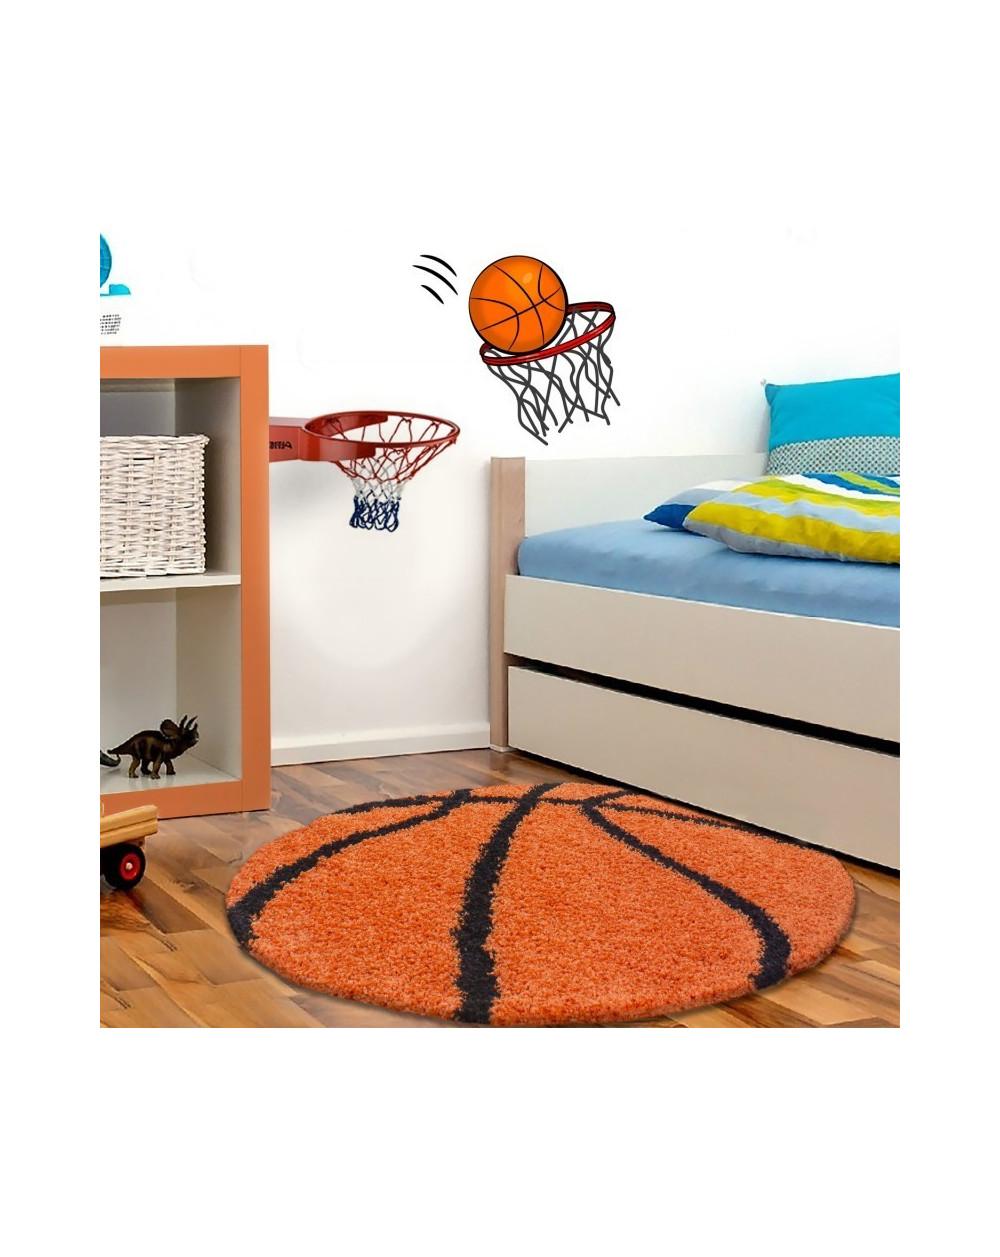 Kinderteppich für Kinderzimmer Basketball form Hochflor Teppich Orange-Schwarz